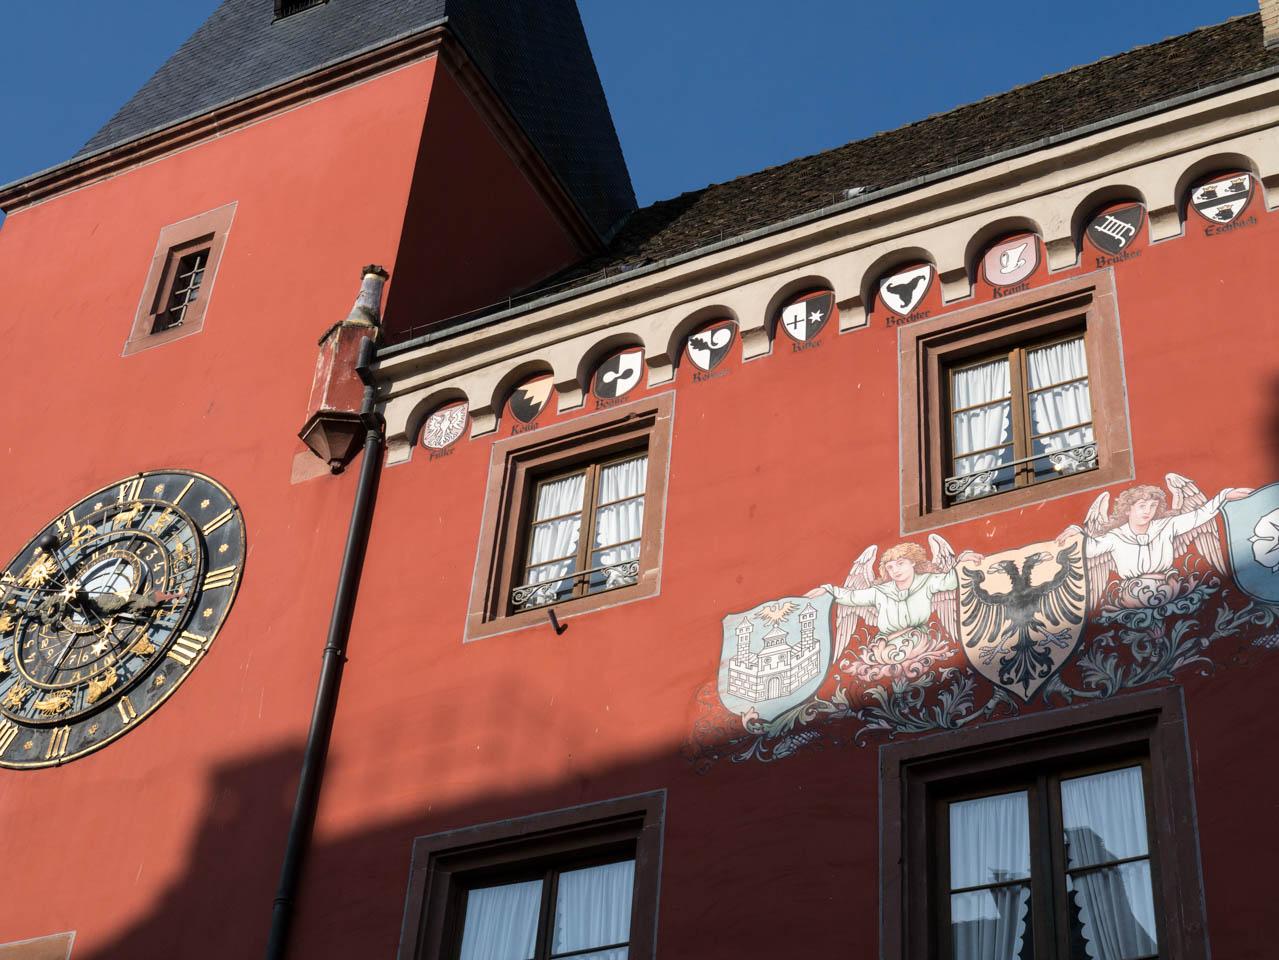 Elsassmuseum (1 von 1)